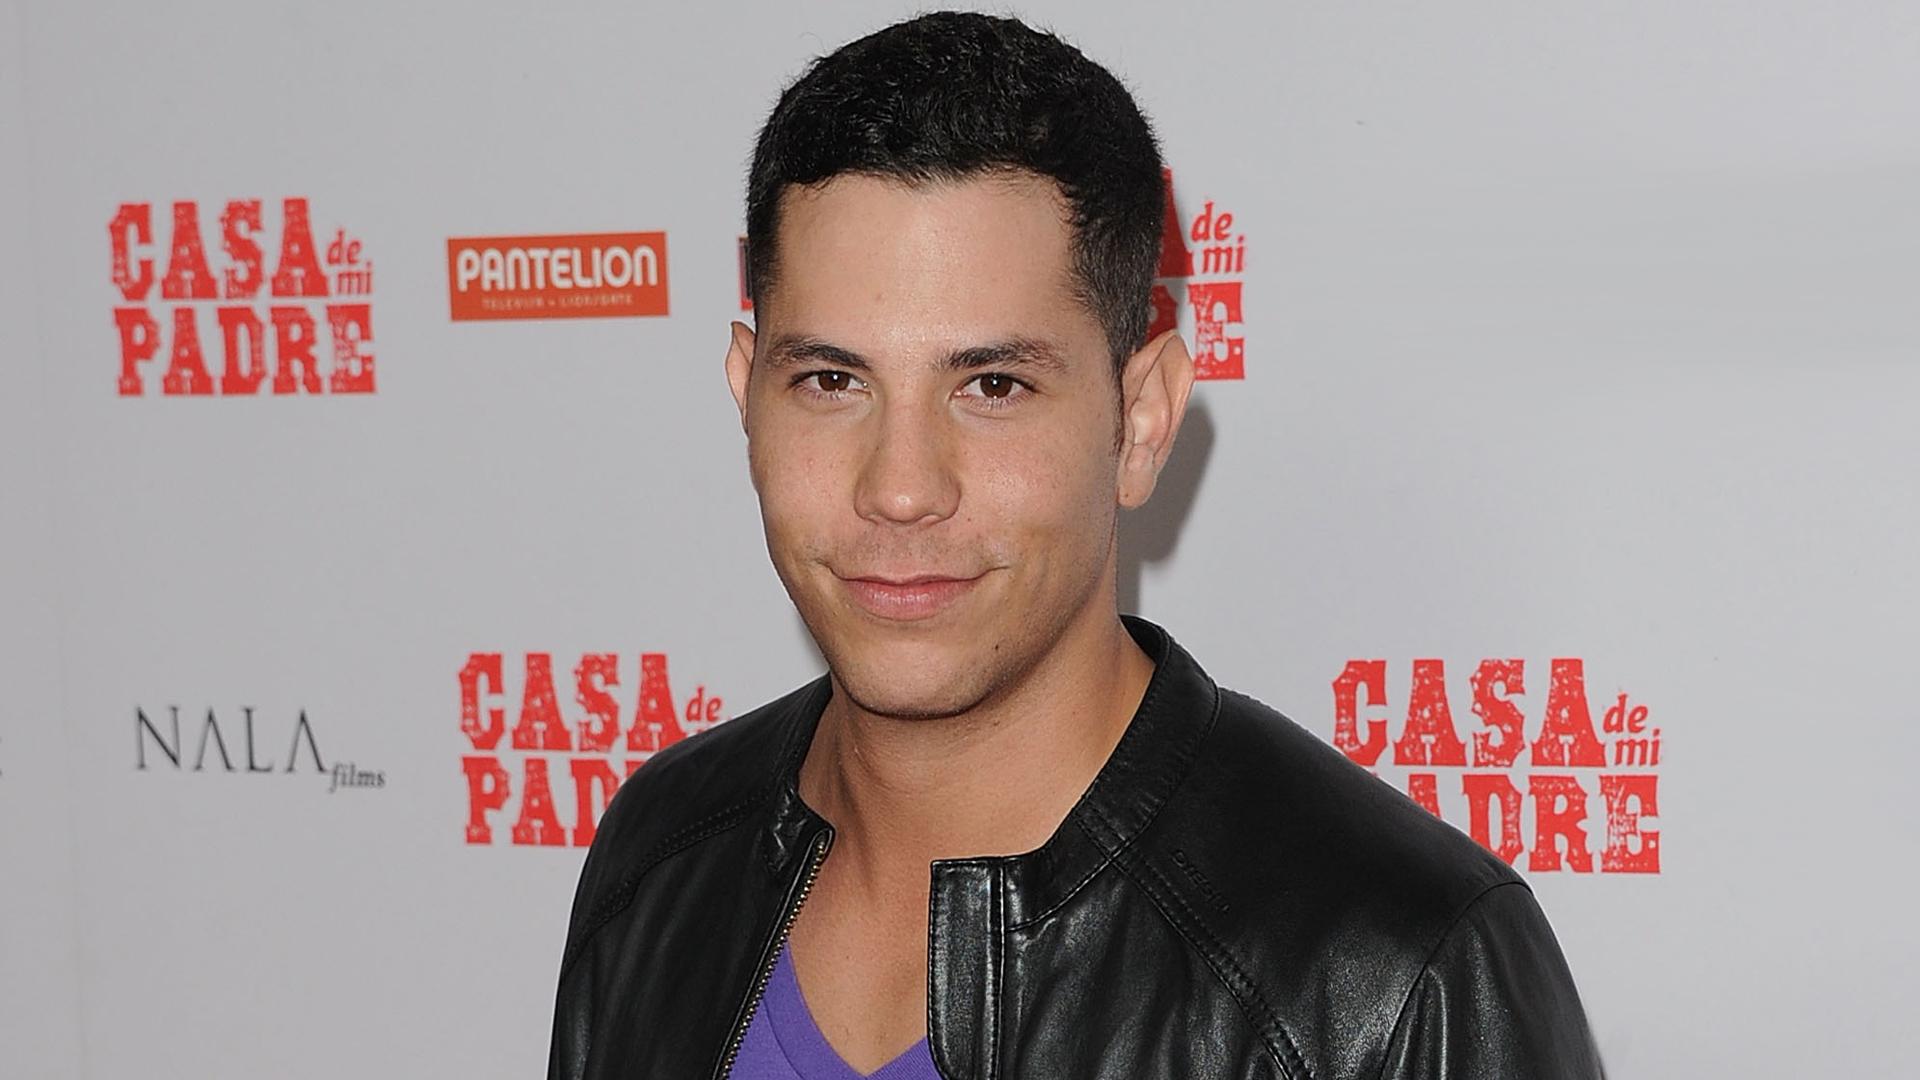 Christian Chavez revelou a homossexualidade após chantagens